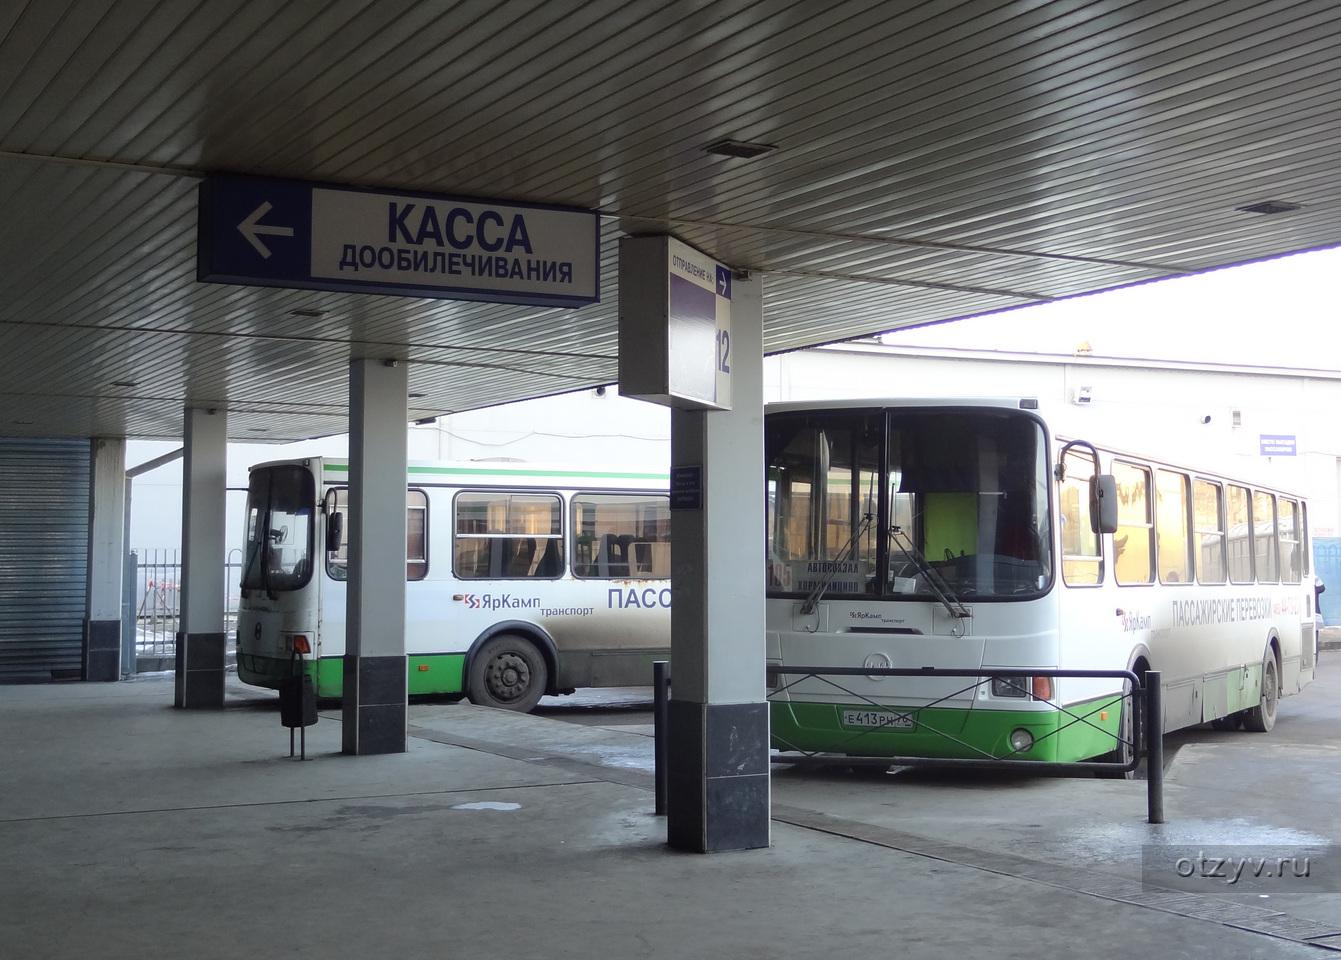 Жители региона могут направить предложения по работе общественного транспорта в мессенджер